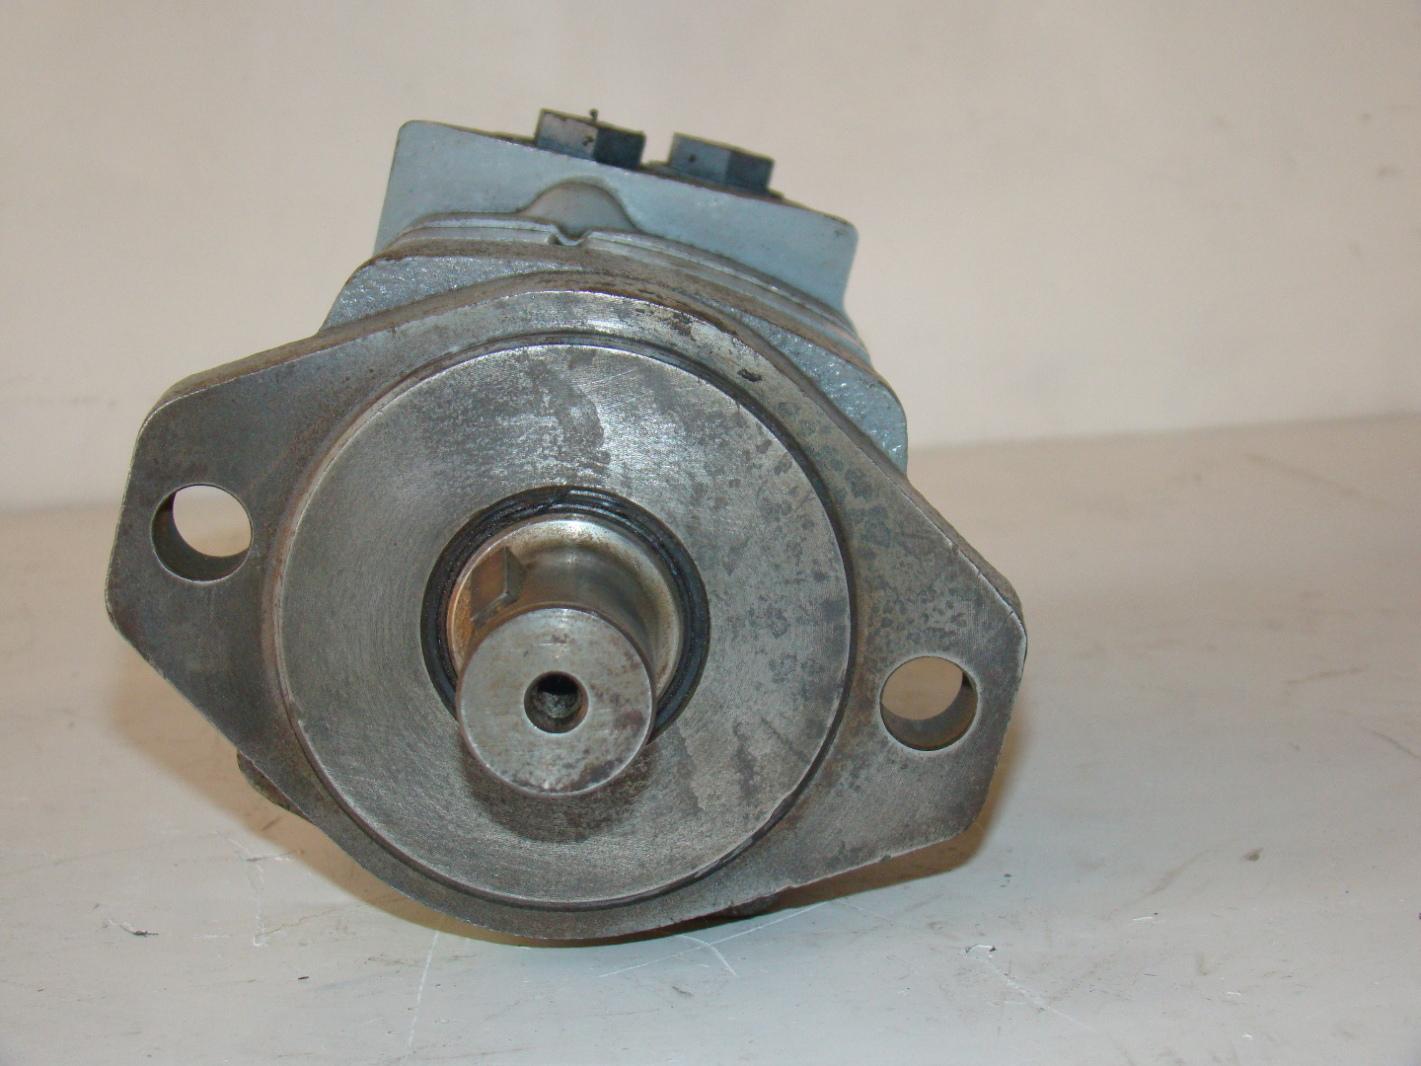 Jf01654 char lynn 2000 series hydraulic motor 104 1001 006 for Char lynn 6000 series motor specs